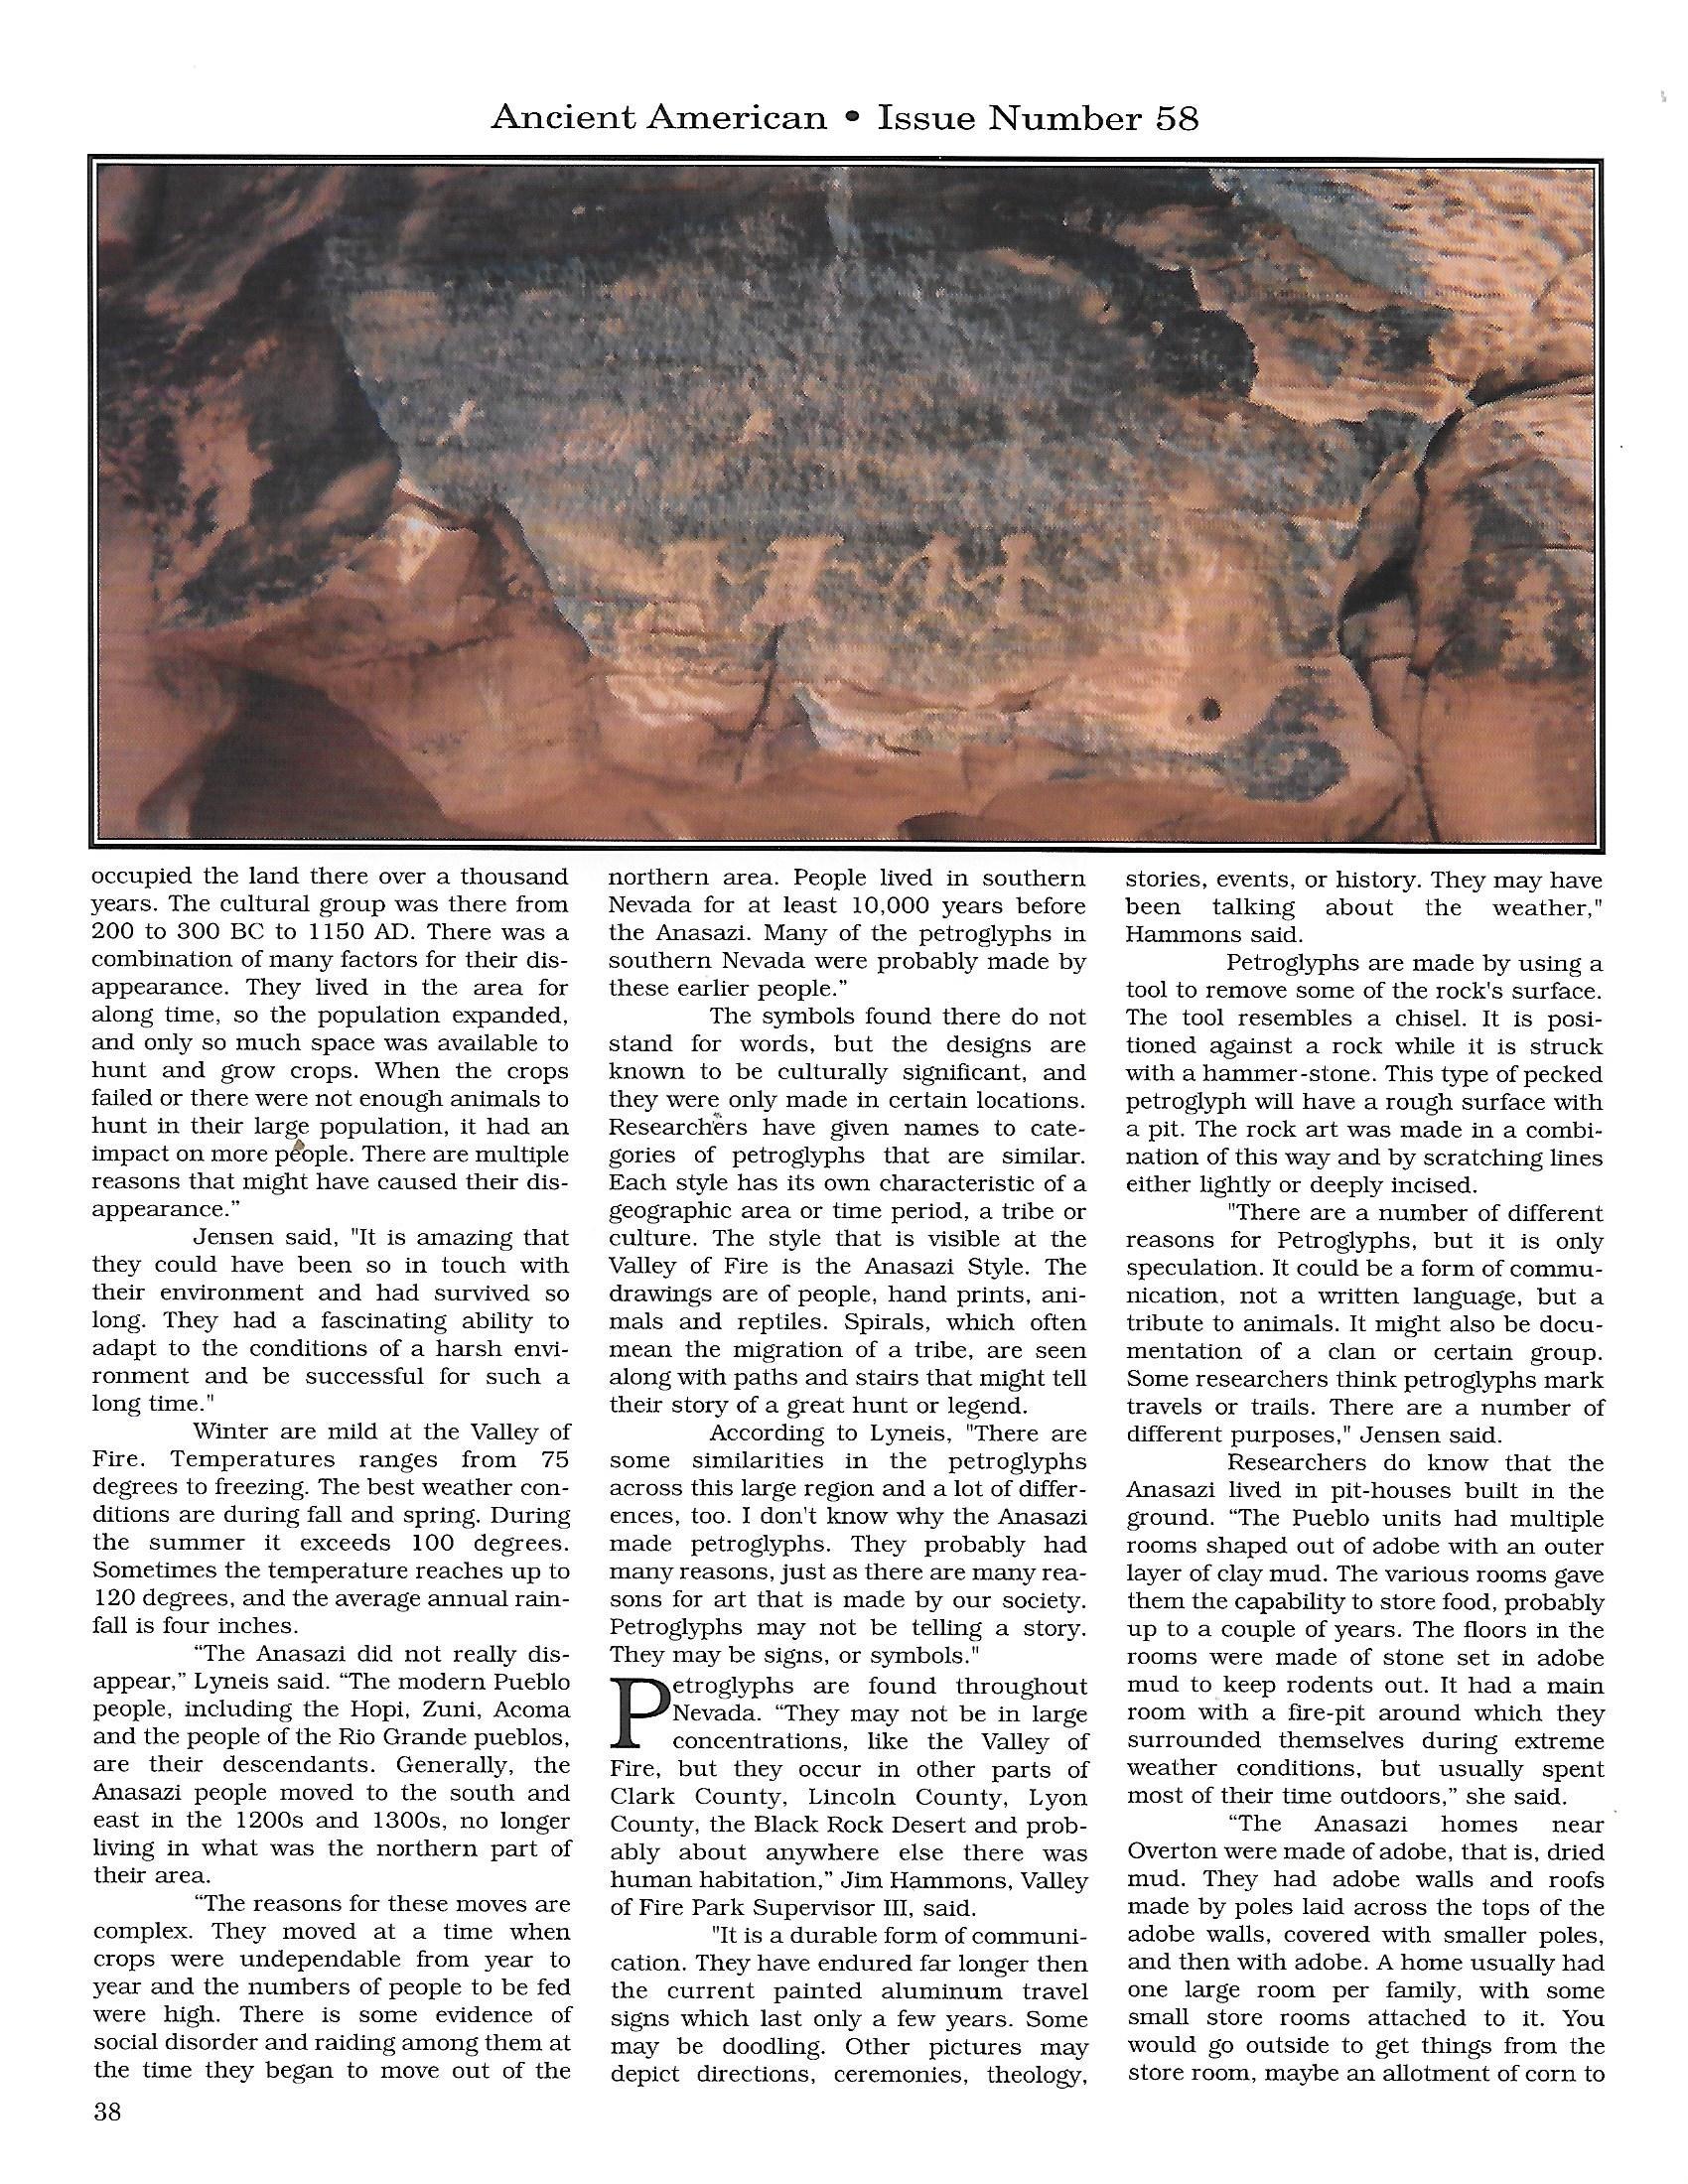 Anasazi Rock Art_0002.jpg